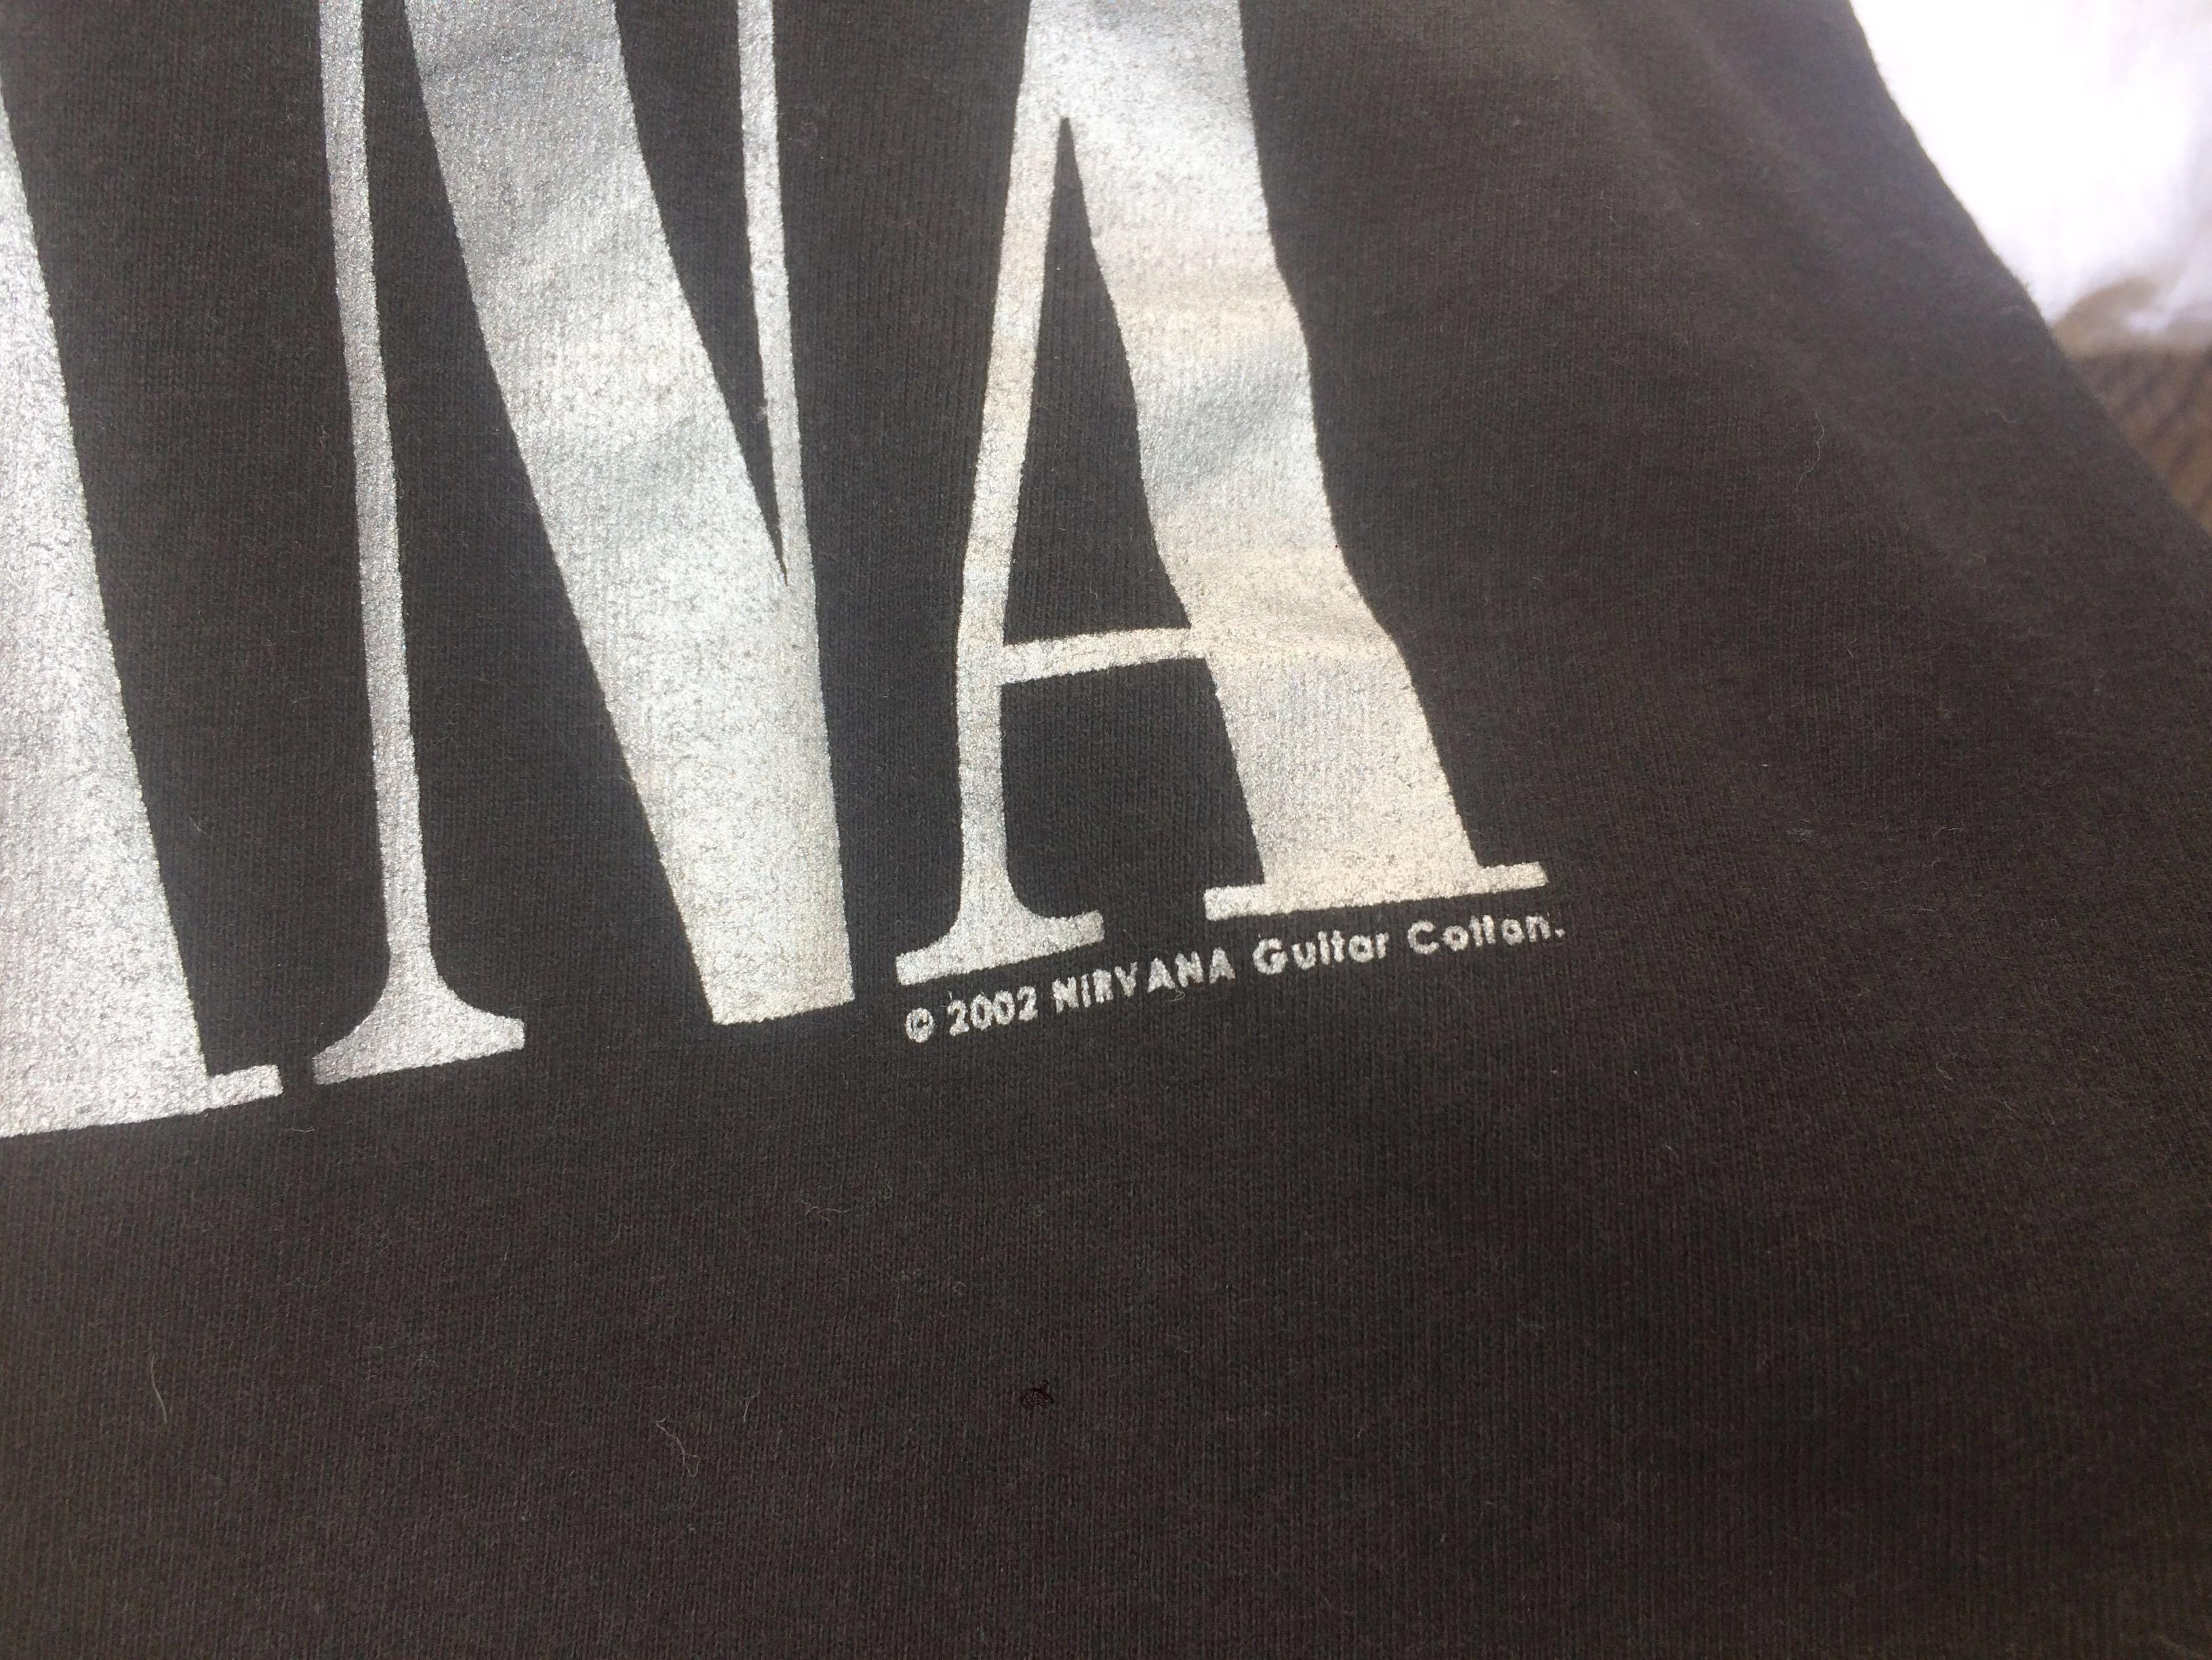 Nirvana raglan tee 'i hate my self i want to die'